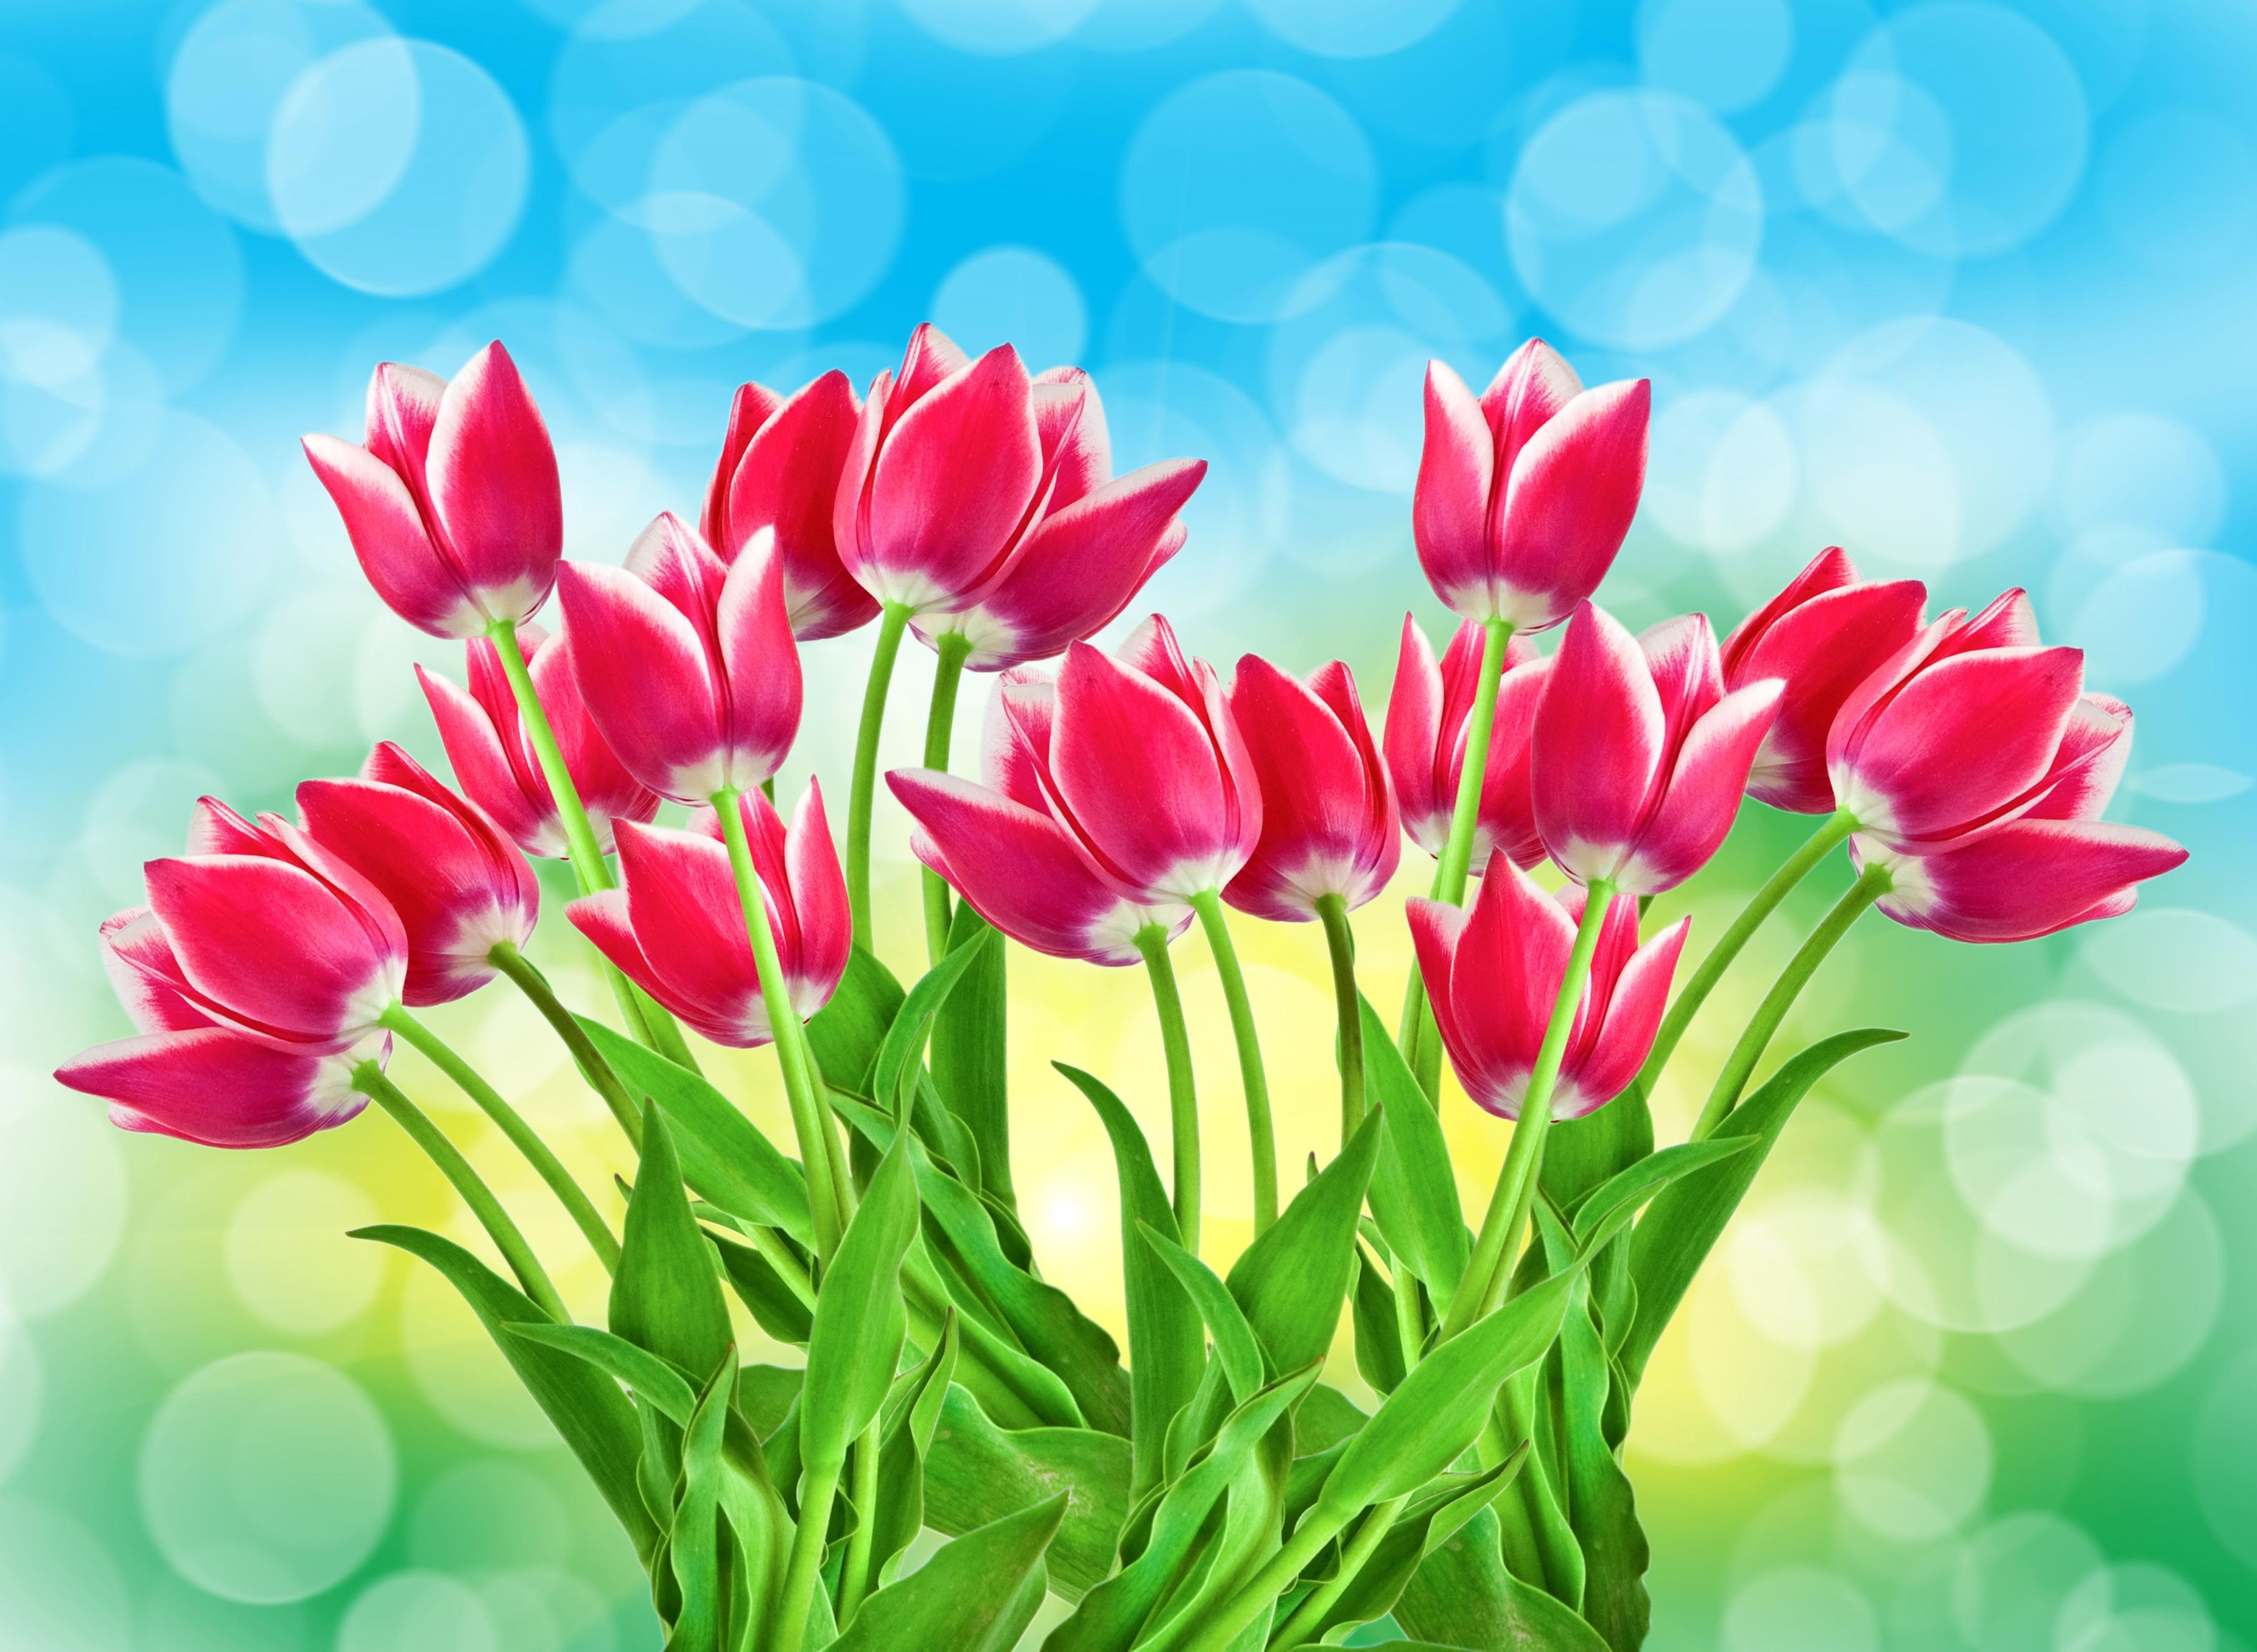 tulip-photo-5